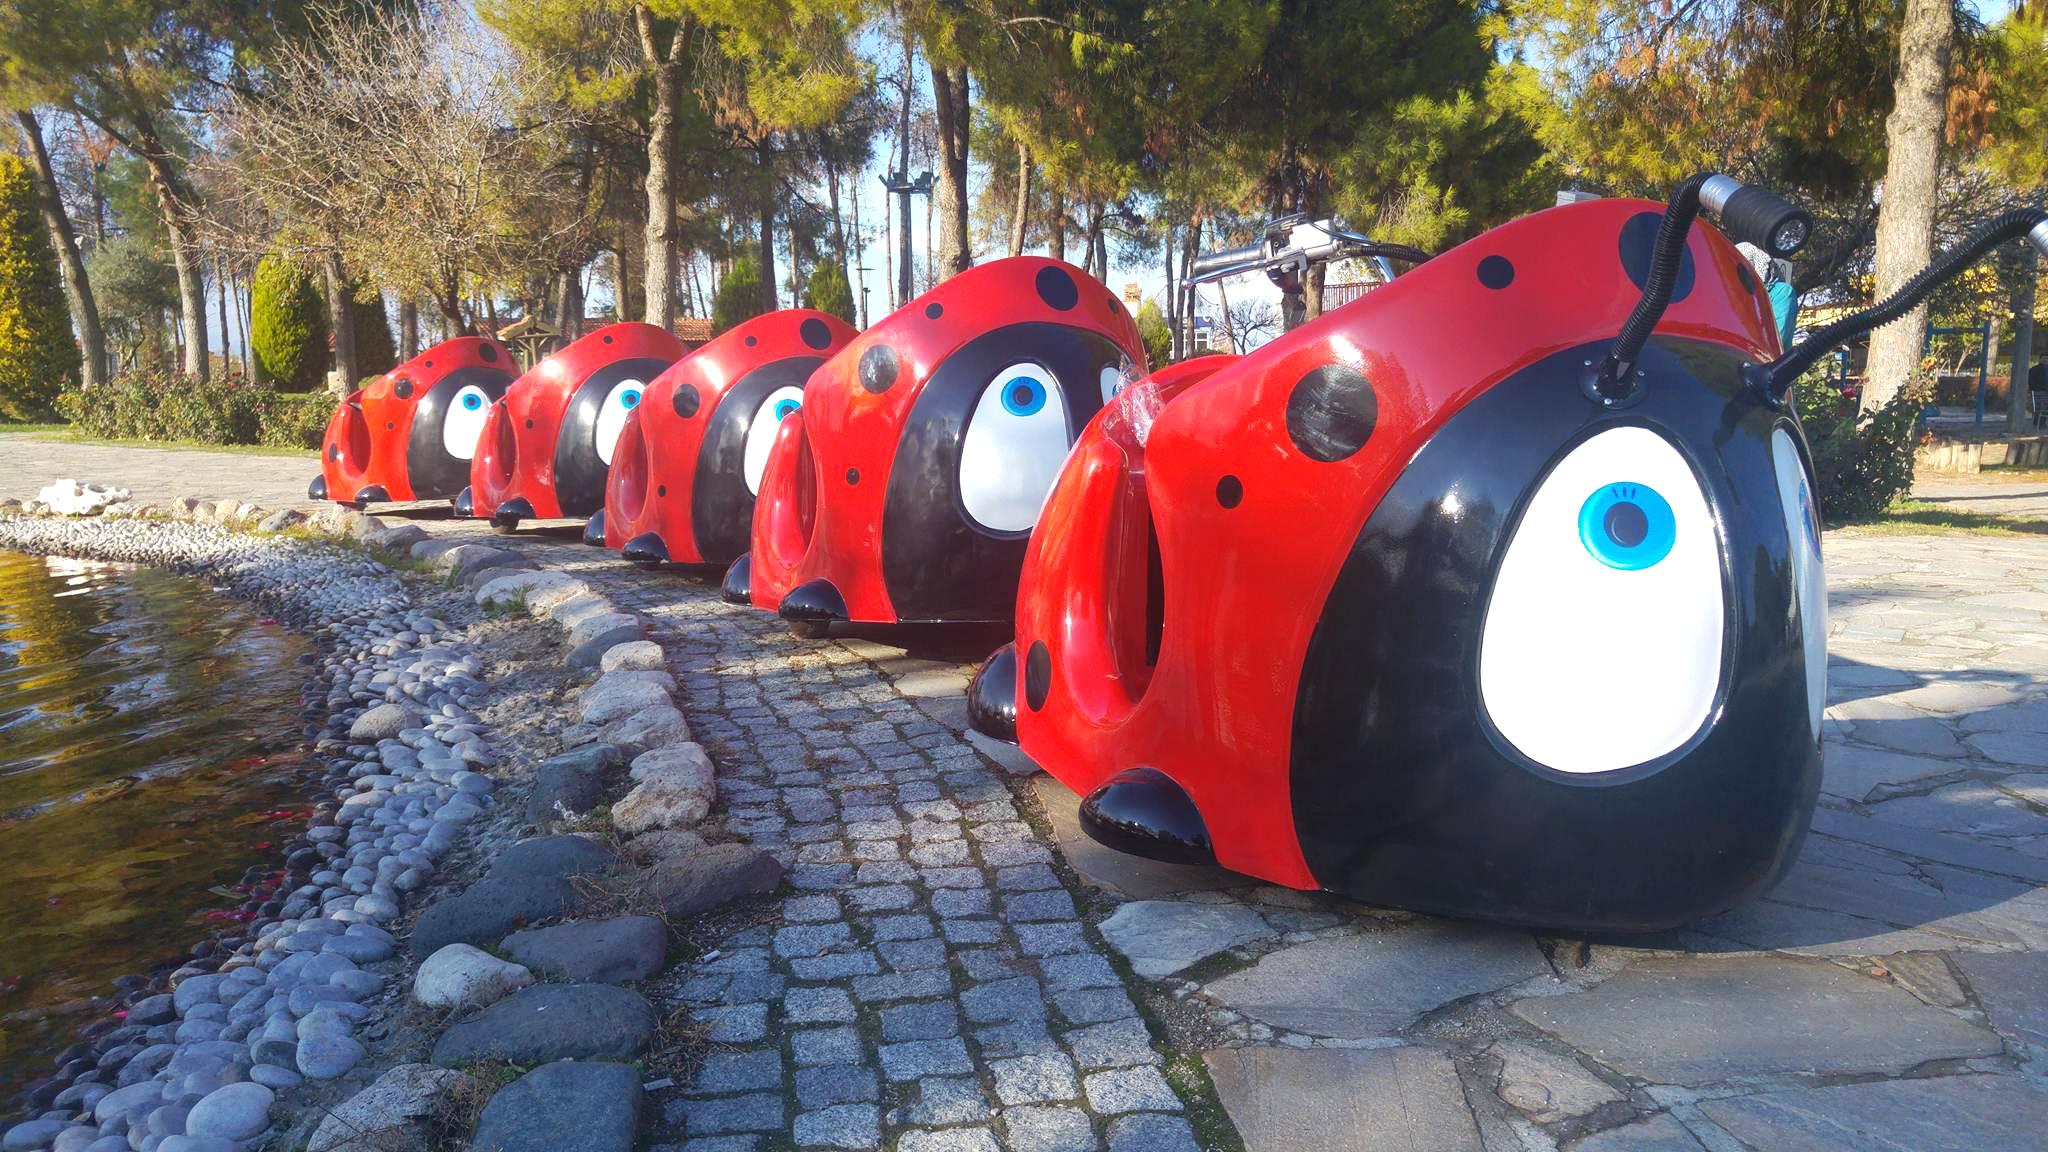 ludybug Ludybug ladybug train